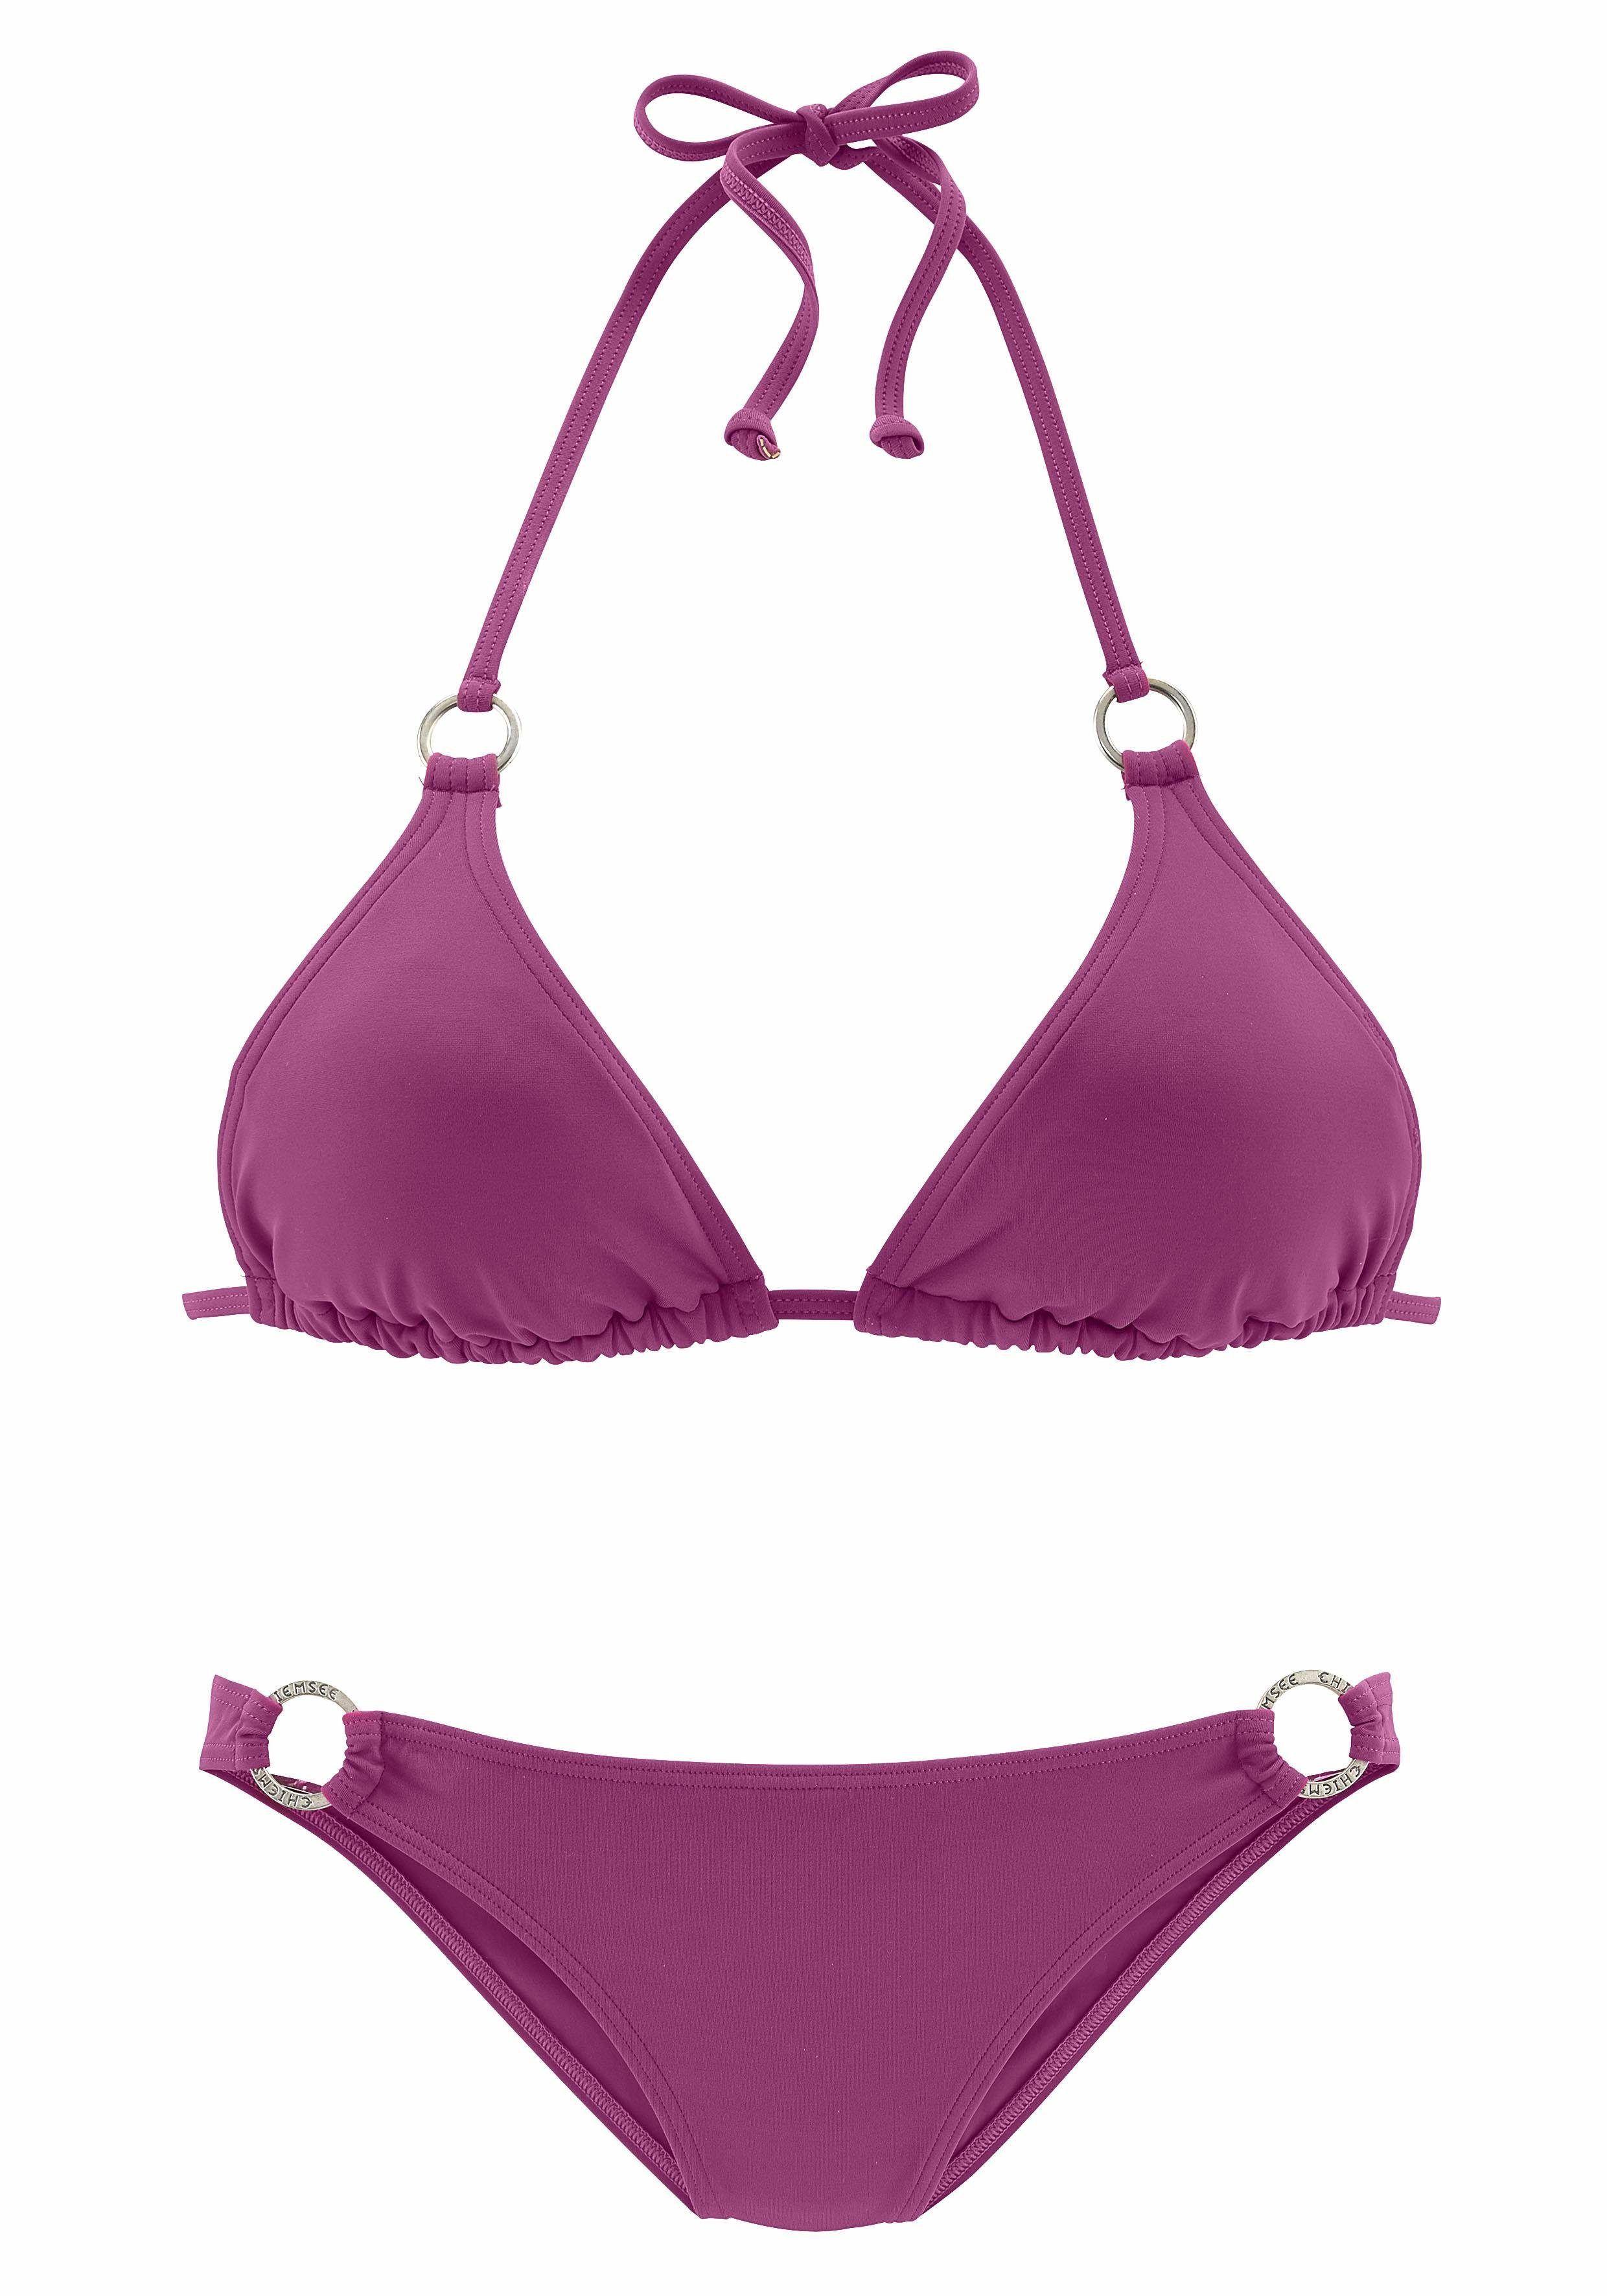 2814851c9e Damen Chiemsee Triangel-Bikini mit Zierringen an Cup und Hose bunt  mehrfarbig rosa | 04893848131359